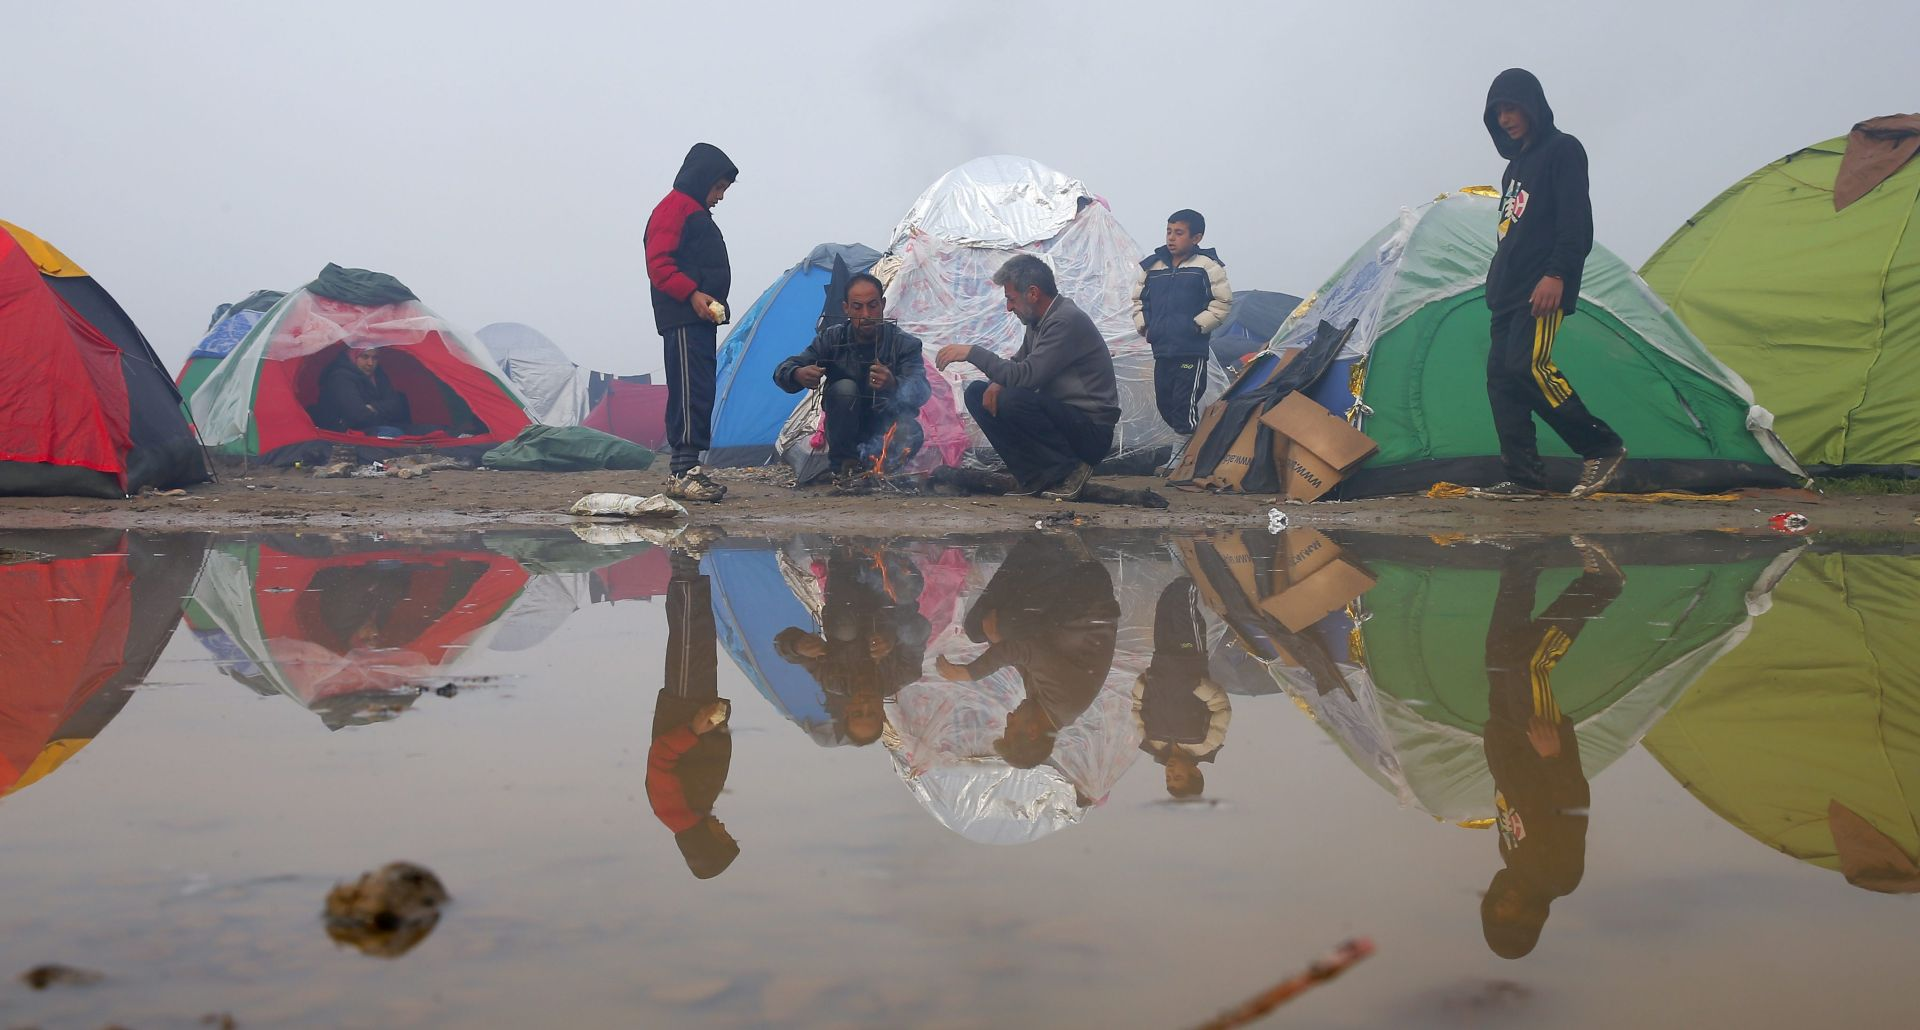 ZATVARANJE BALKANSKE RUTE: Migranti zaglavili u blatu na ničijoj zemlji između Makedonije i Srbije